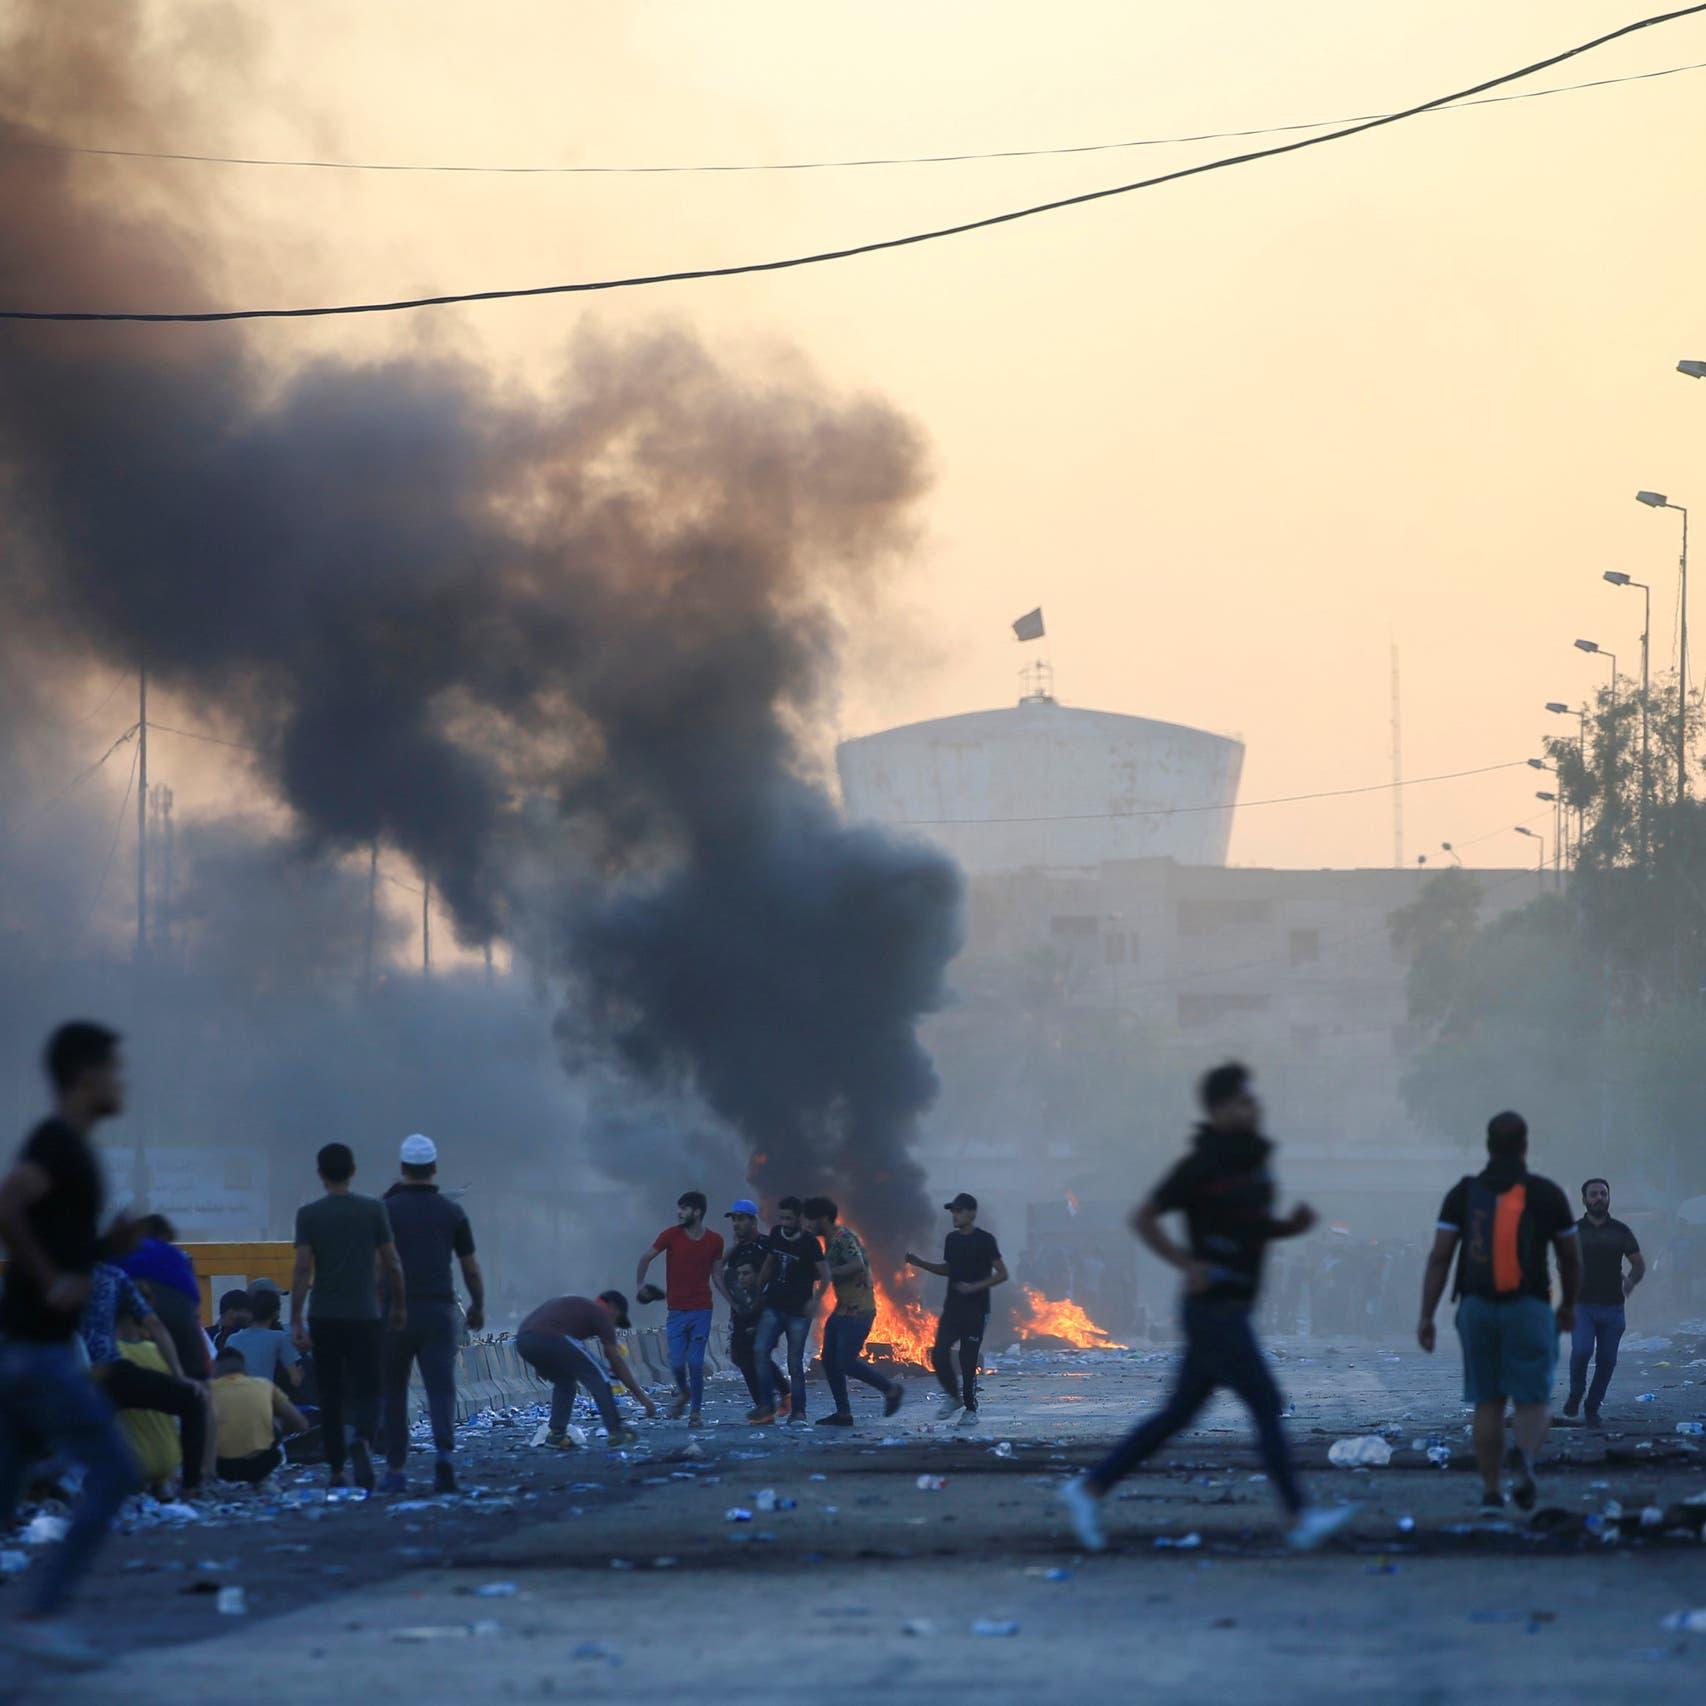 العراق.. الغضب يحرق مقرات الأحزاب وصور خامنئي بالناصرية